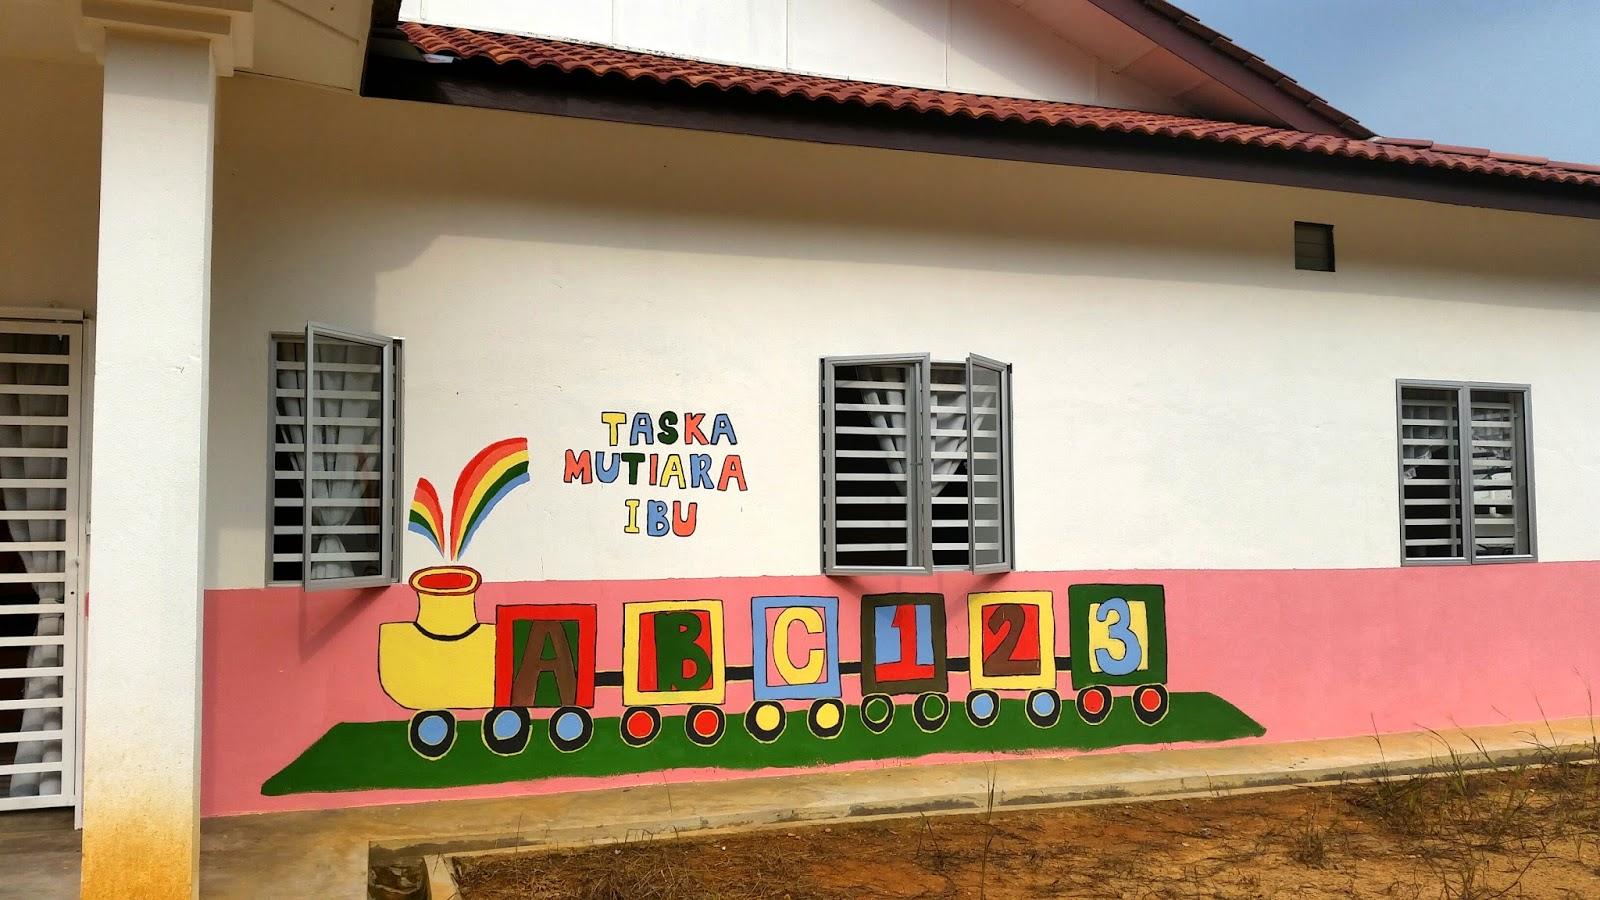 Bermula ceritaku october 2014 for Contoh lukisan mural tadika